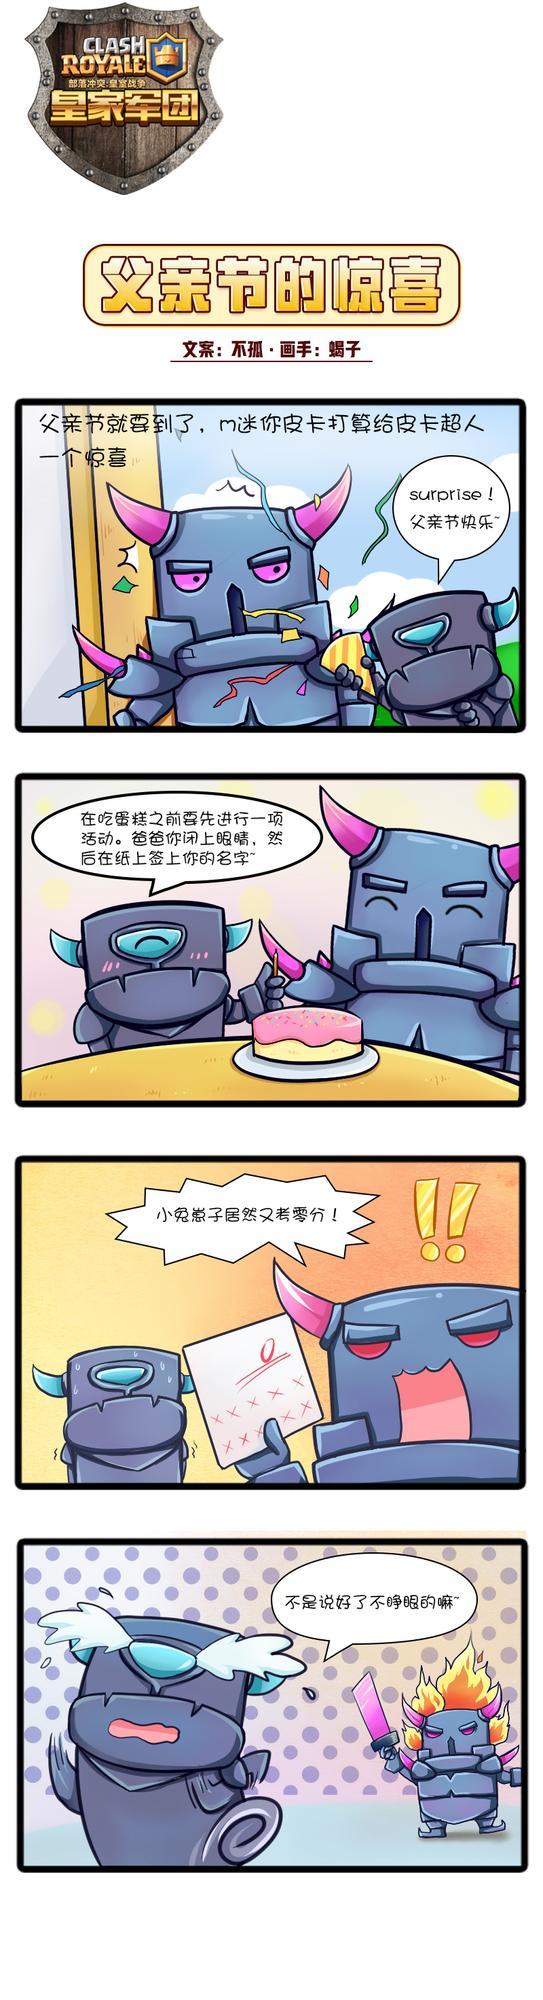 【四格漫画】父亲节的惊喜